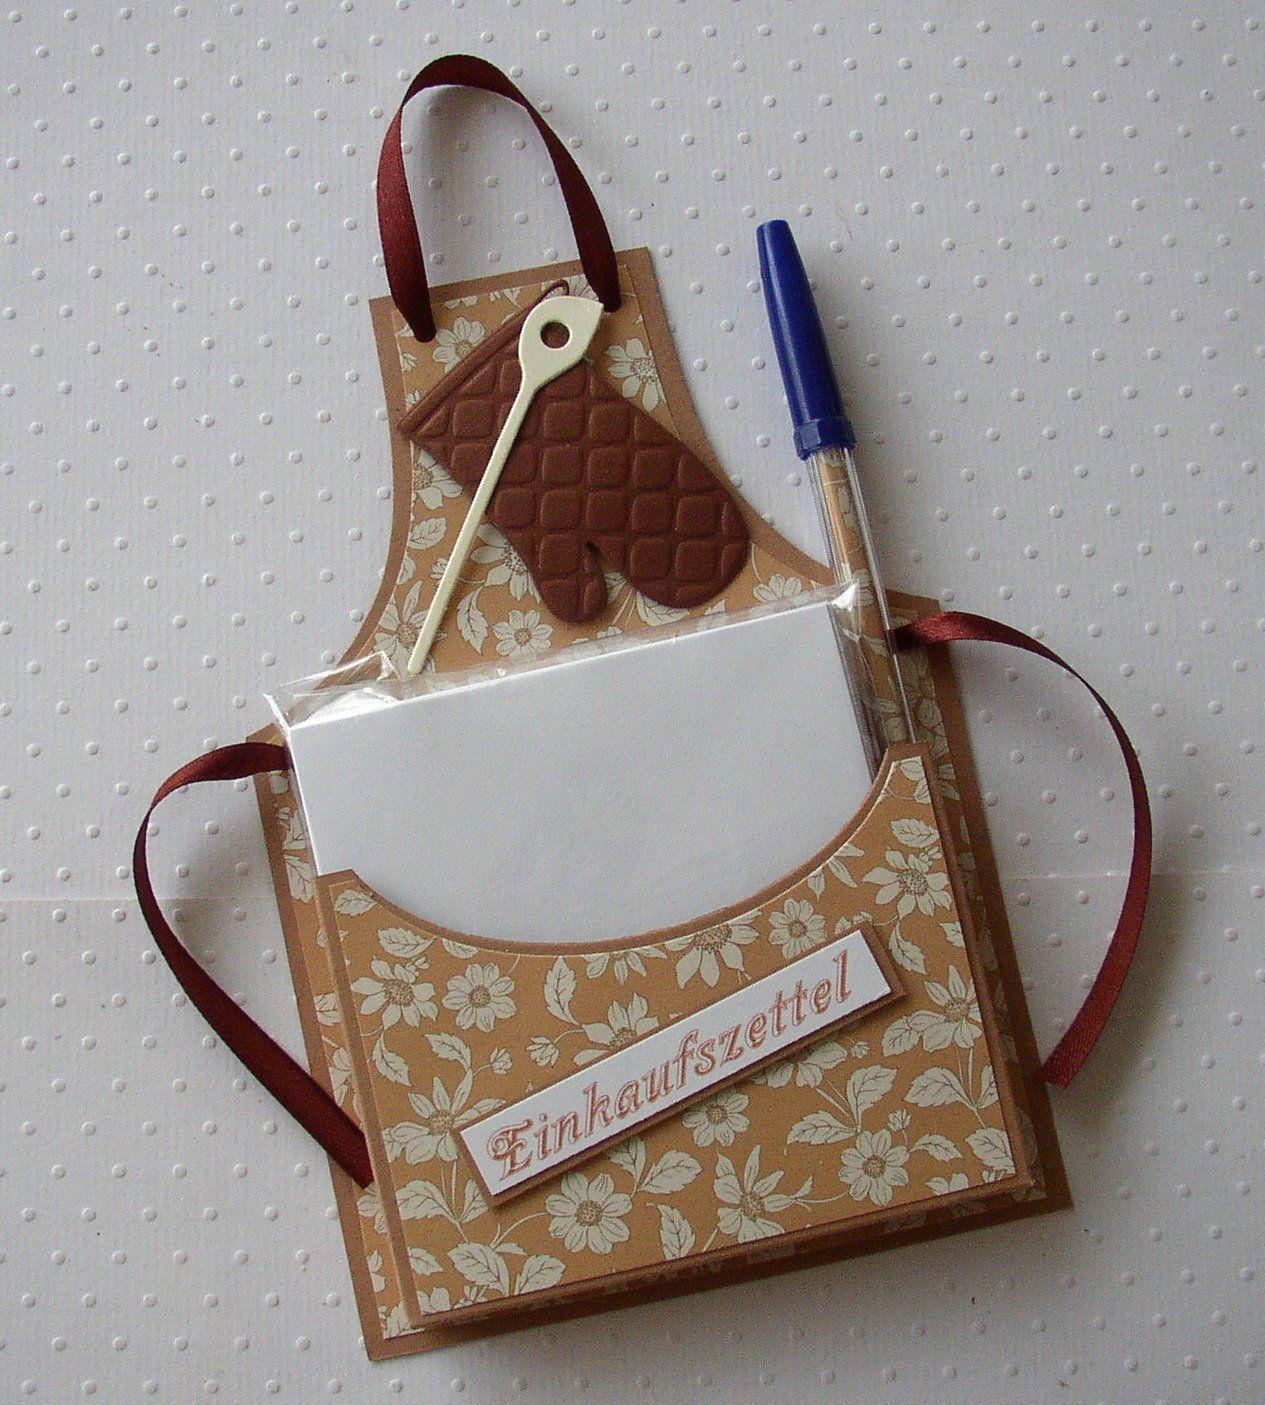 Einkaufszettelhalter Notizzettel Mitbringsel Handarbeit